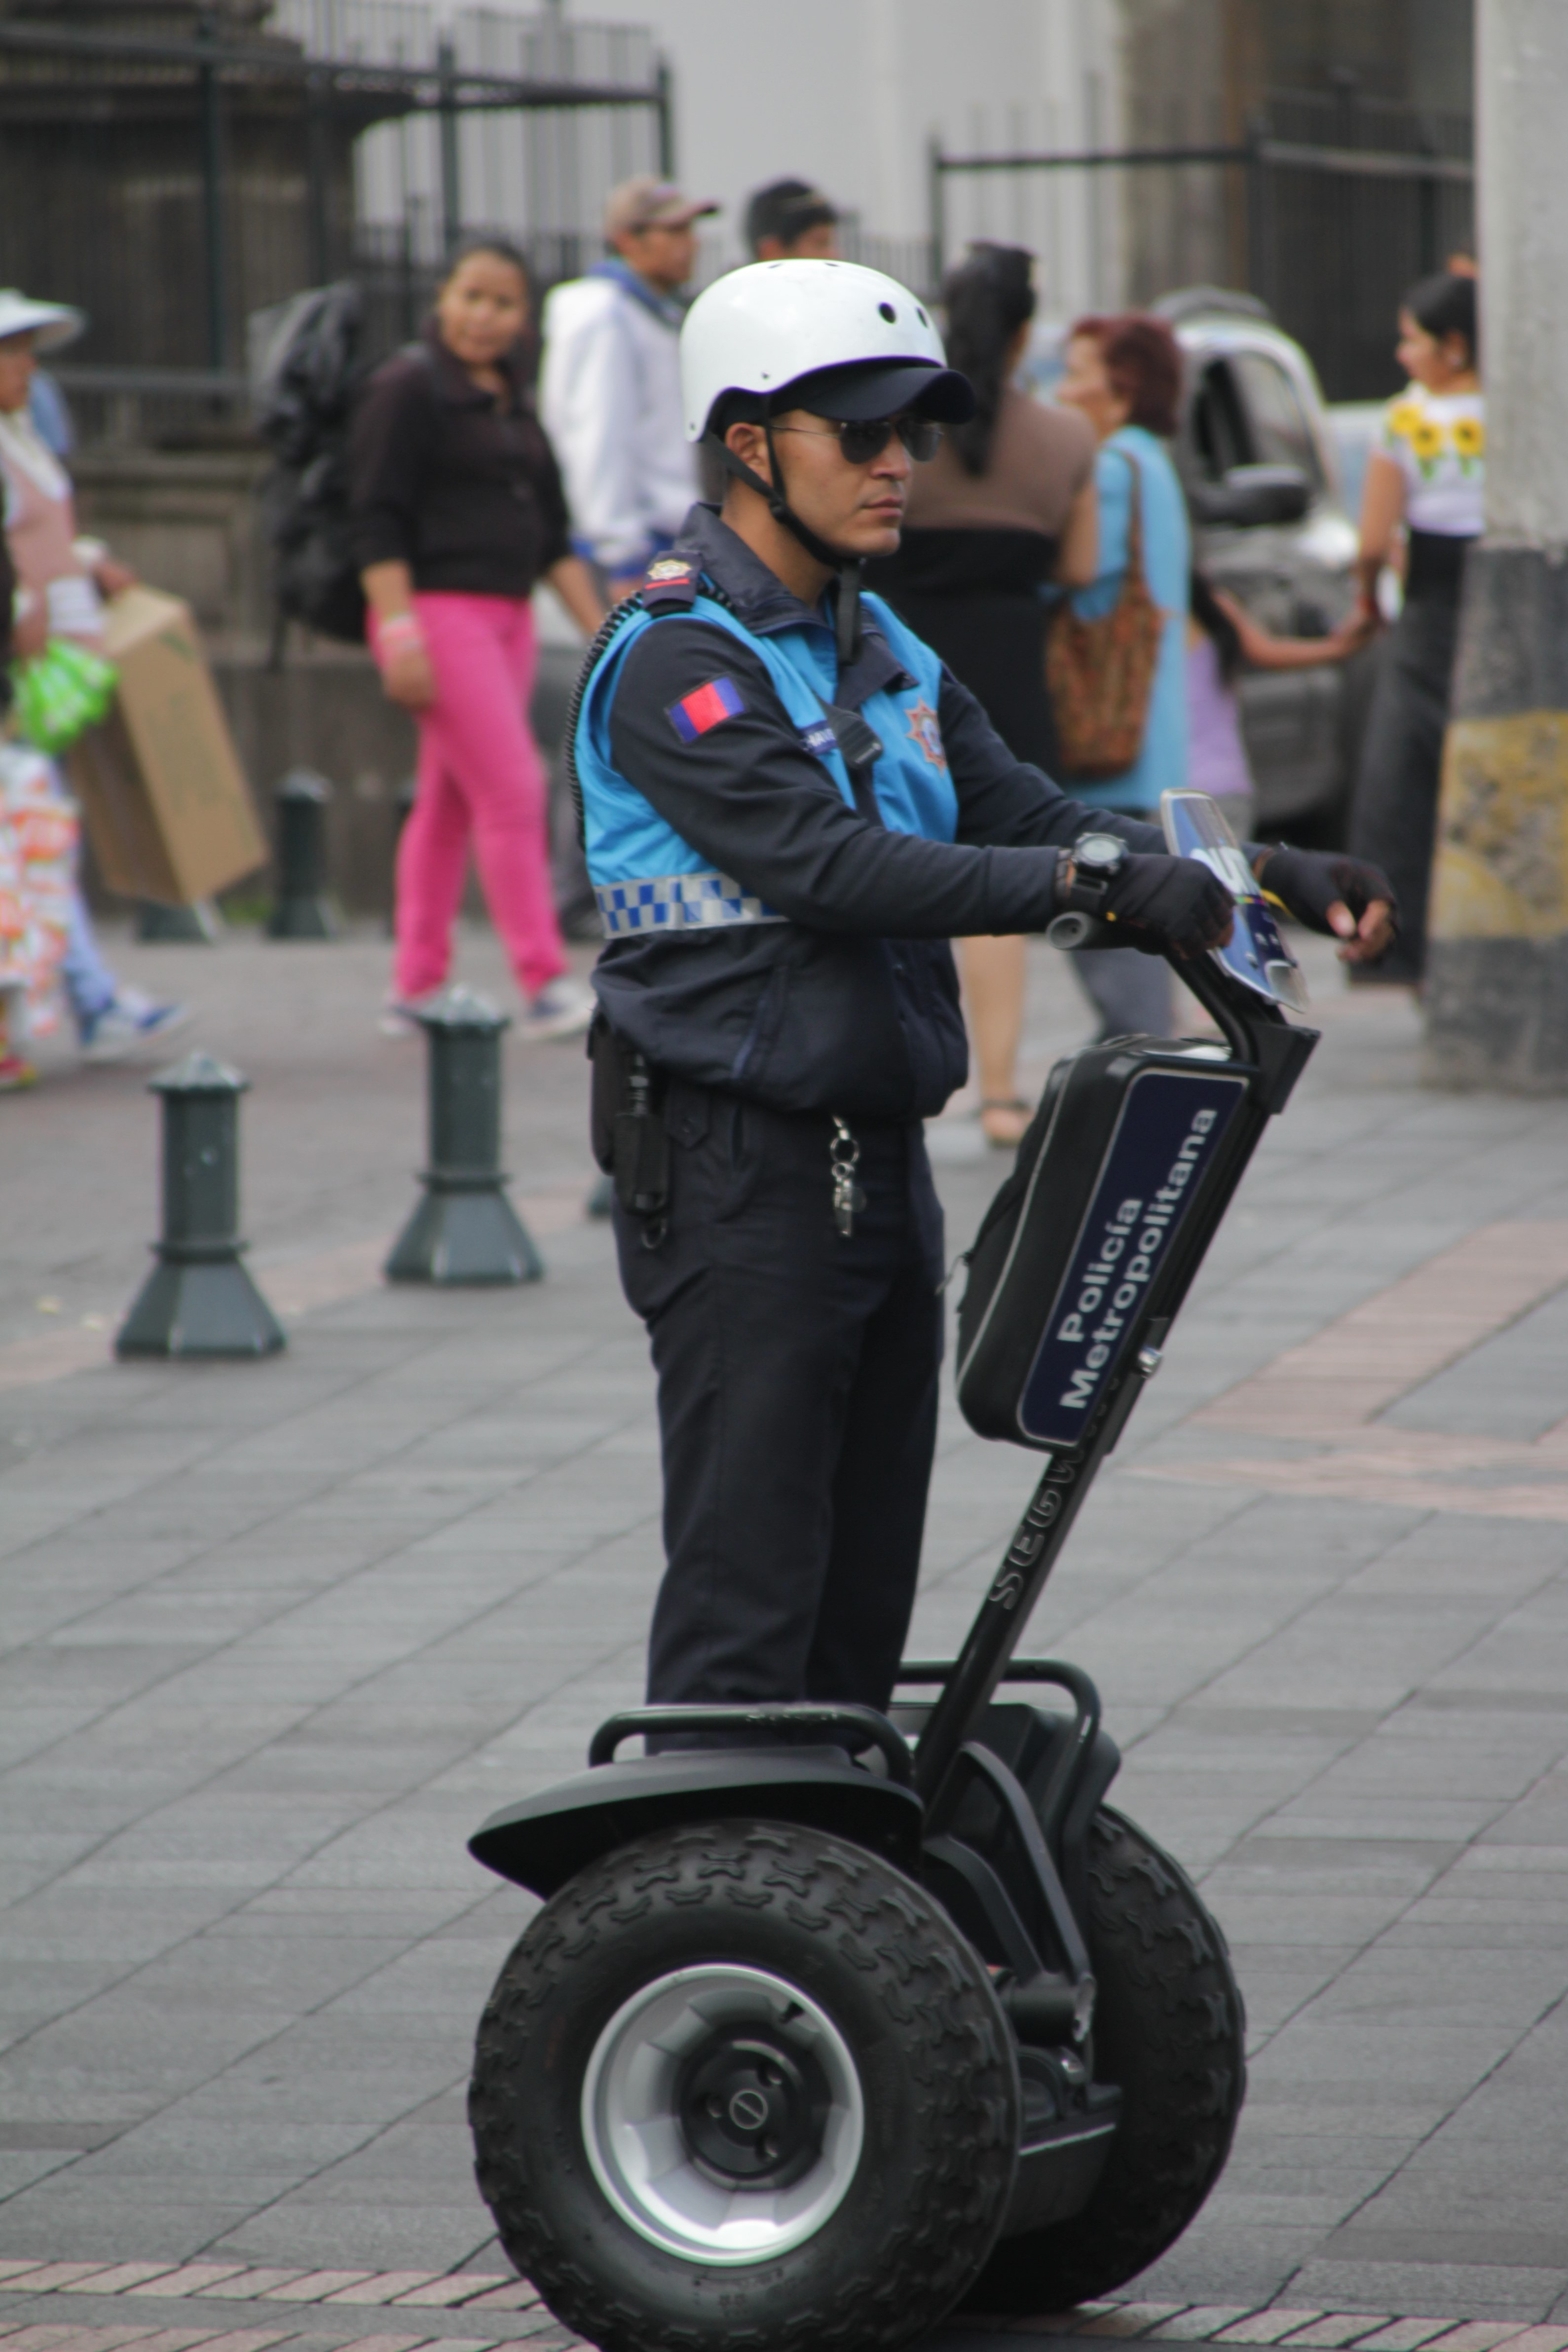 La police, c'est du sérieux (© Jérôme Decoster).